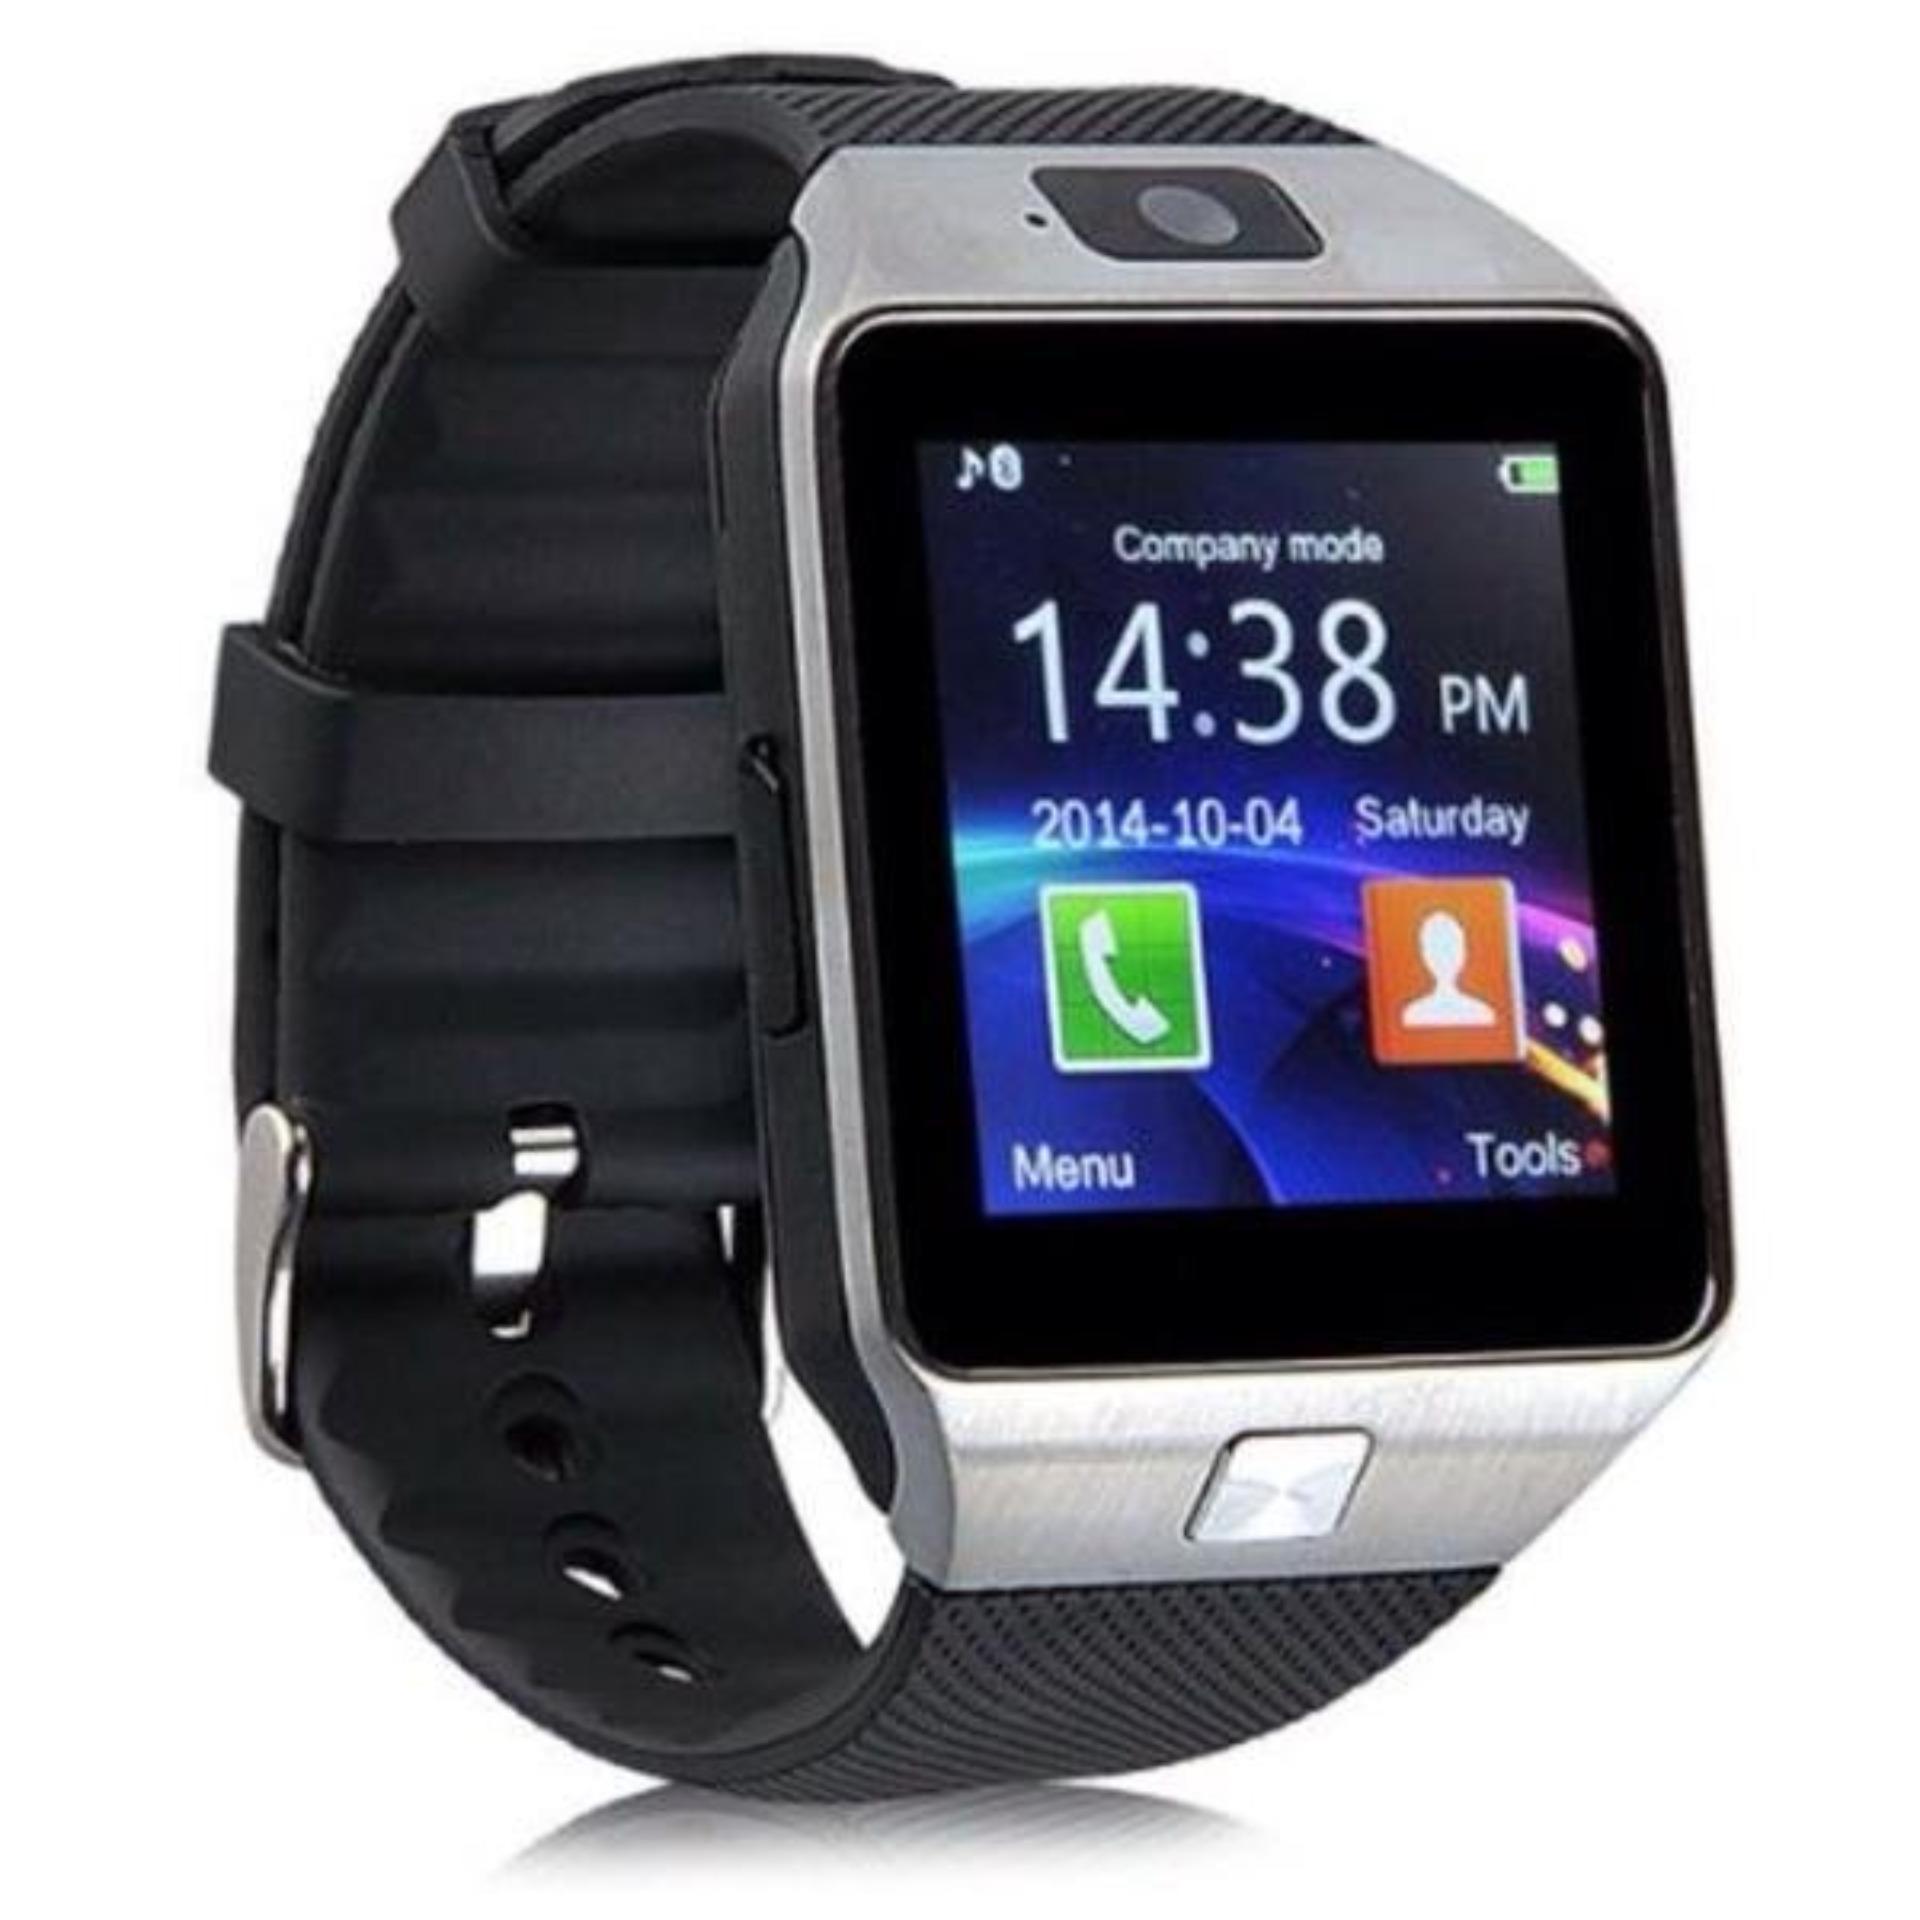 Harga Dan Spek Cognos Smartwatch G4 Heart Rate Monitor Gsm Sim Card Plaza Furniture Savello Senza V Blue Kursi Kantor Khusus Jabodetabek Onix G3 Hitam Spec Daftar Leather